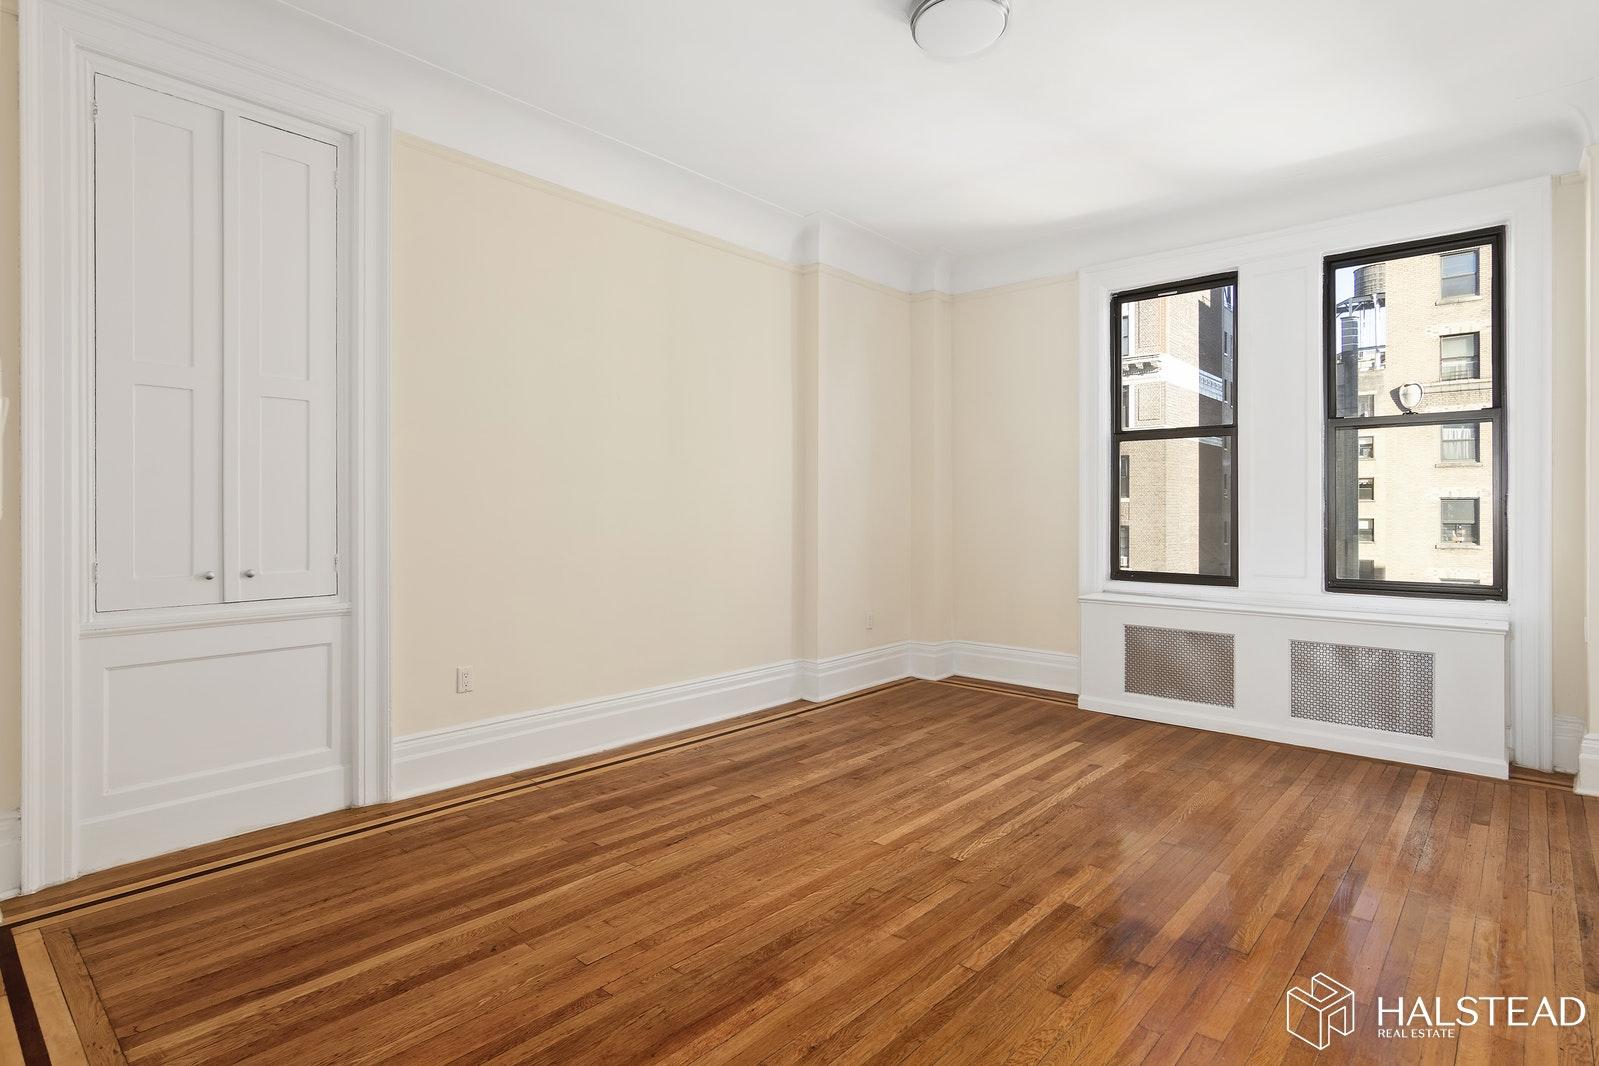 260 WEST 72ND STREET 10A, Upper West Side, $5,950, Web #: 20014412